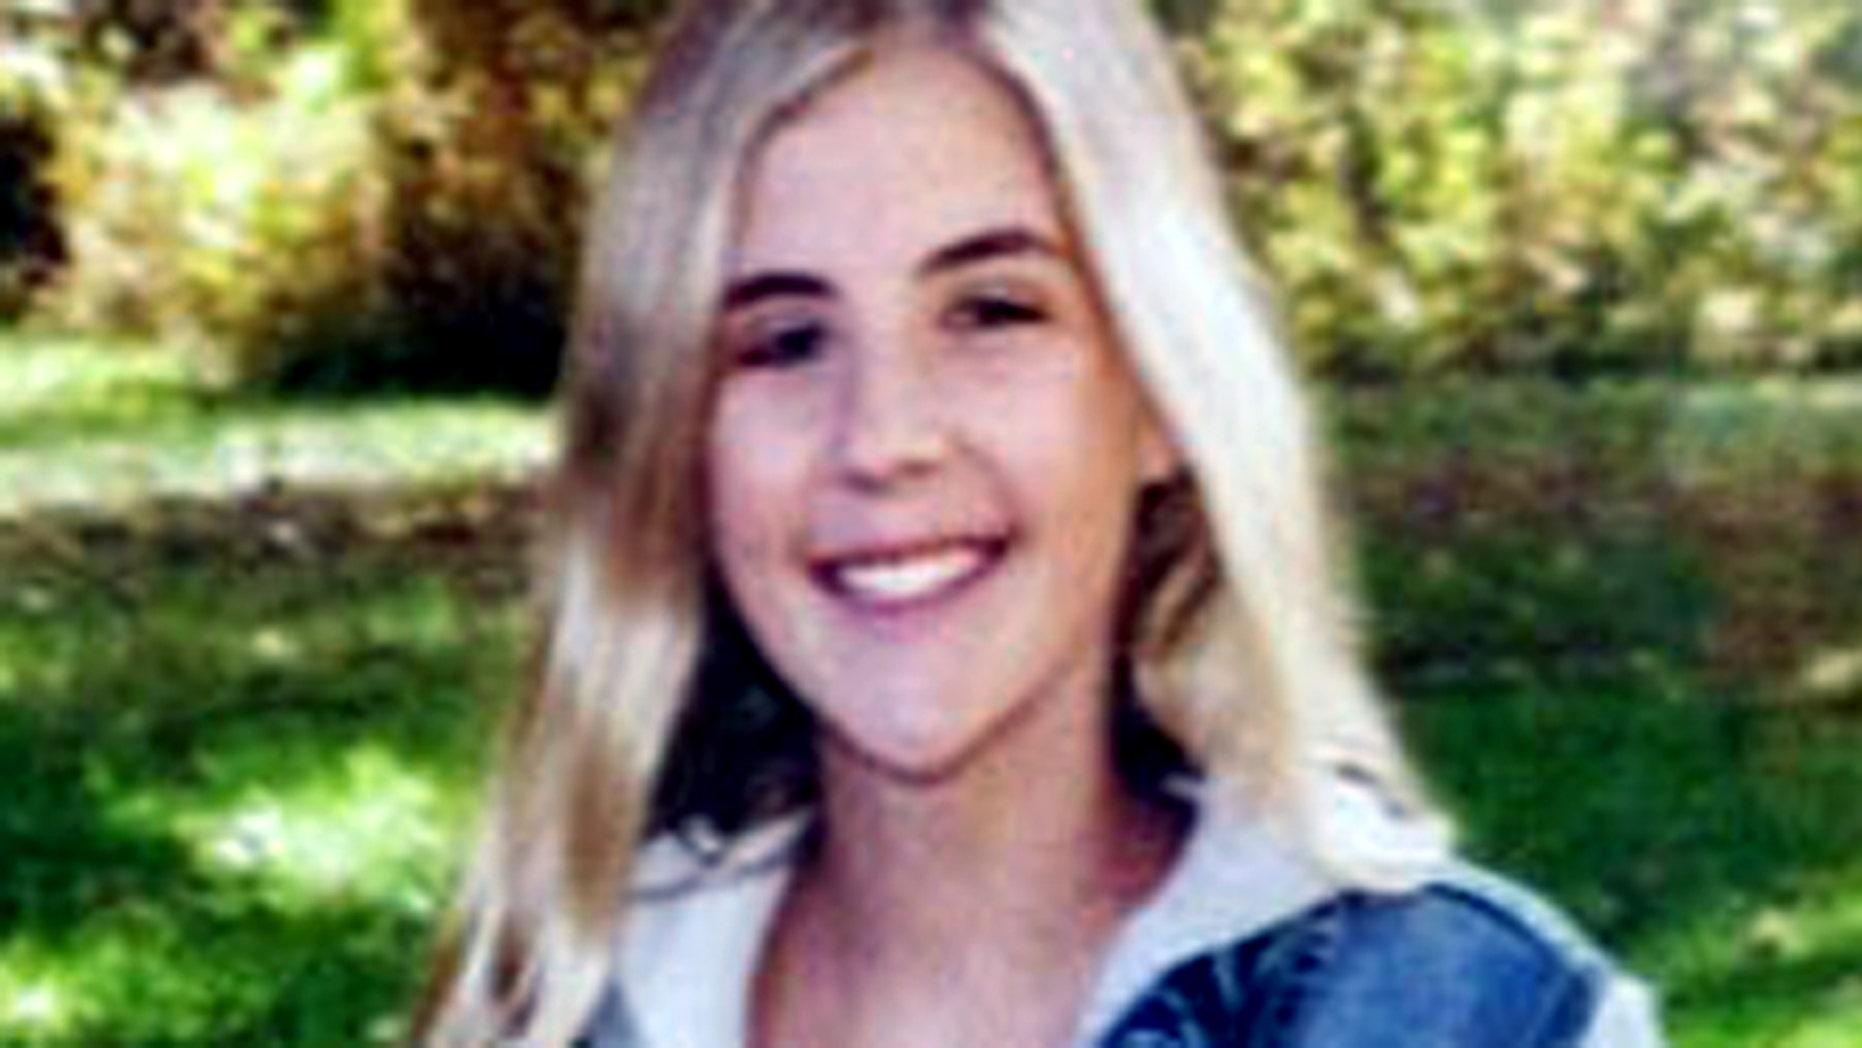 Aislynn Merritt, 14, is battling brain cancer.